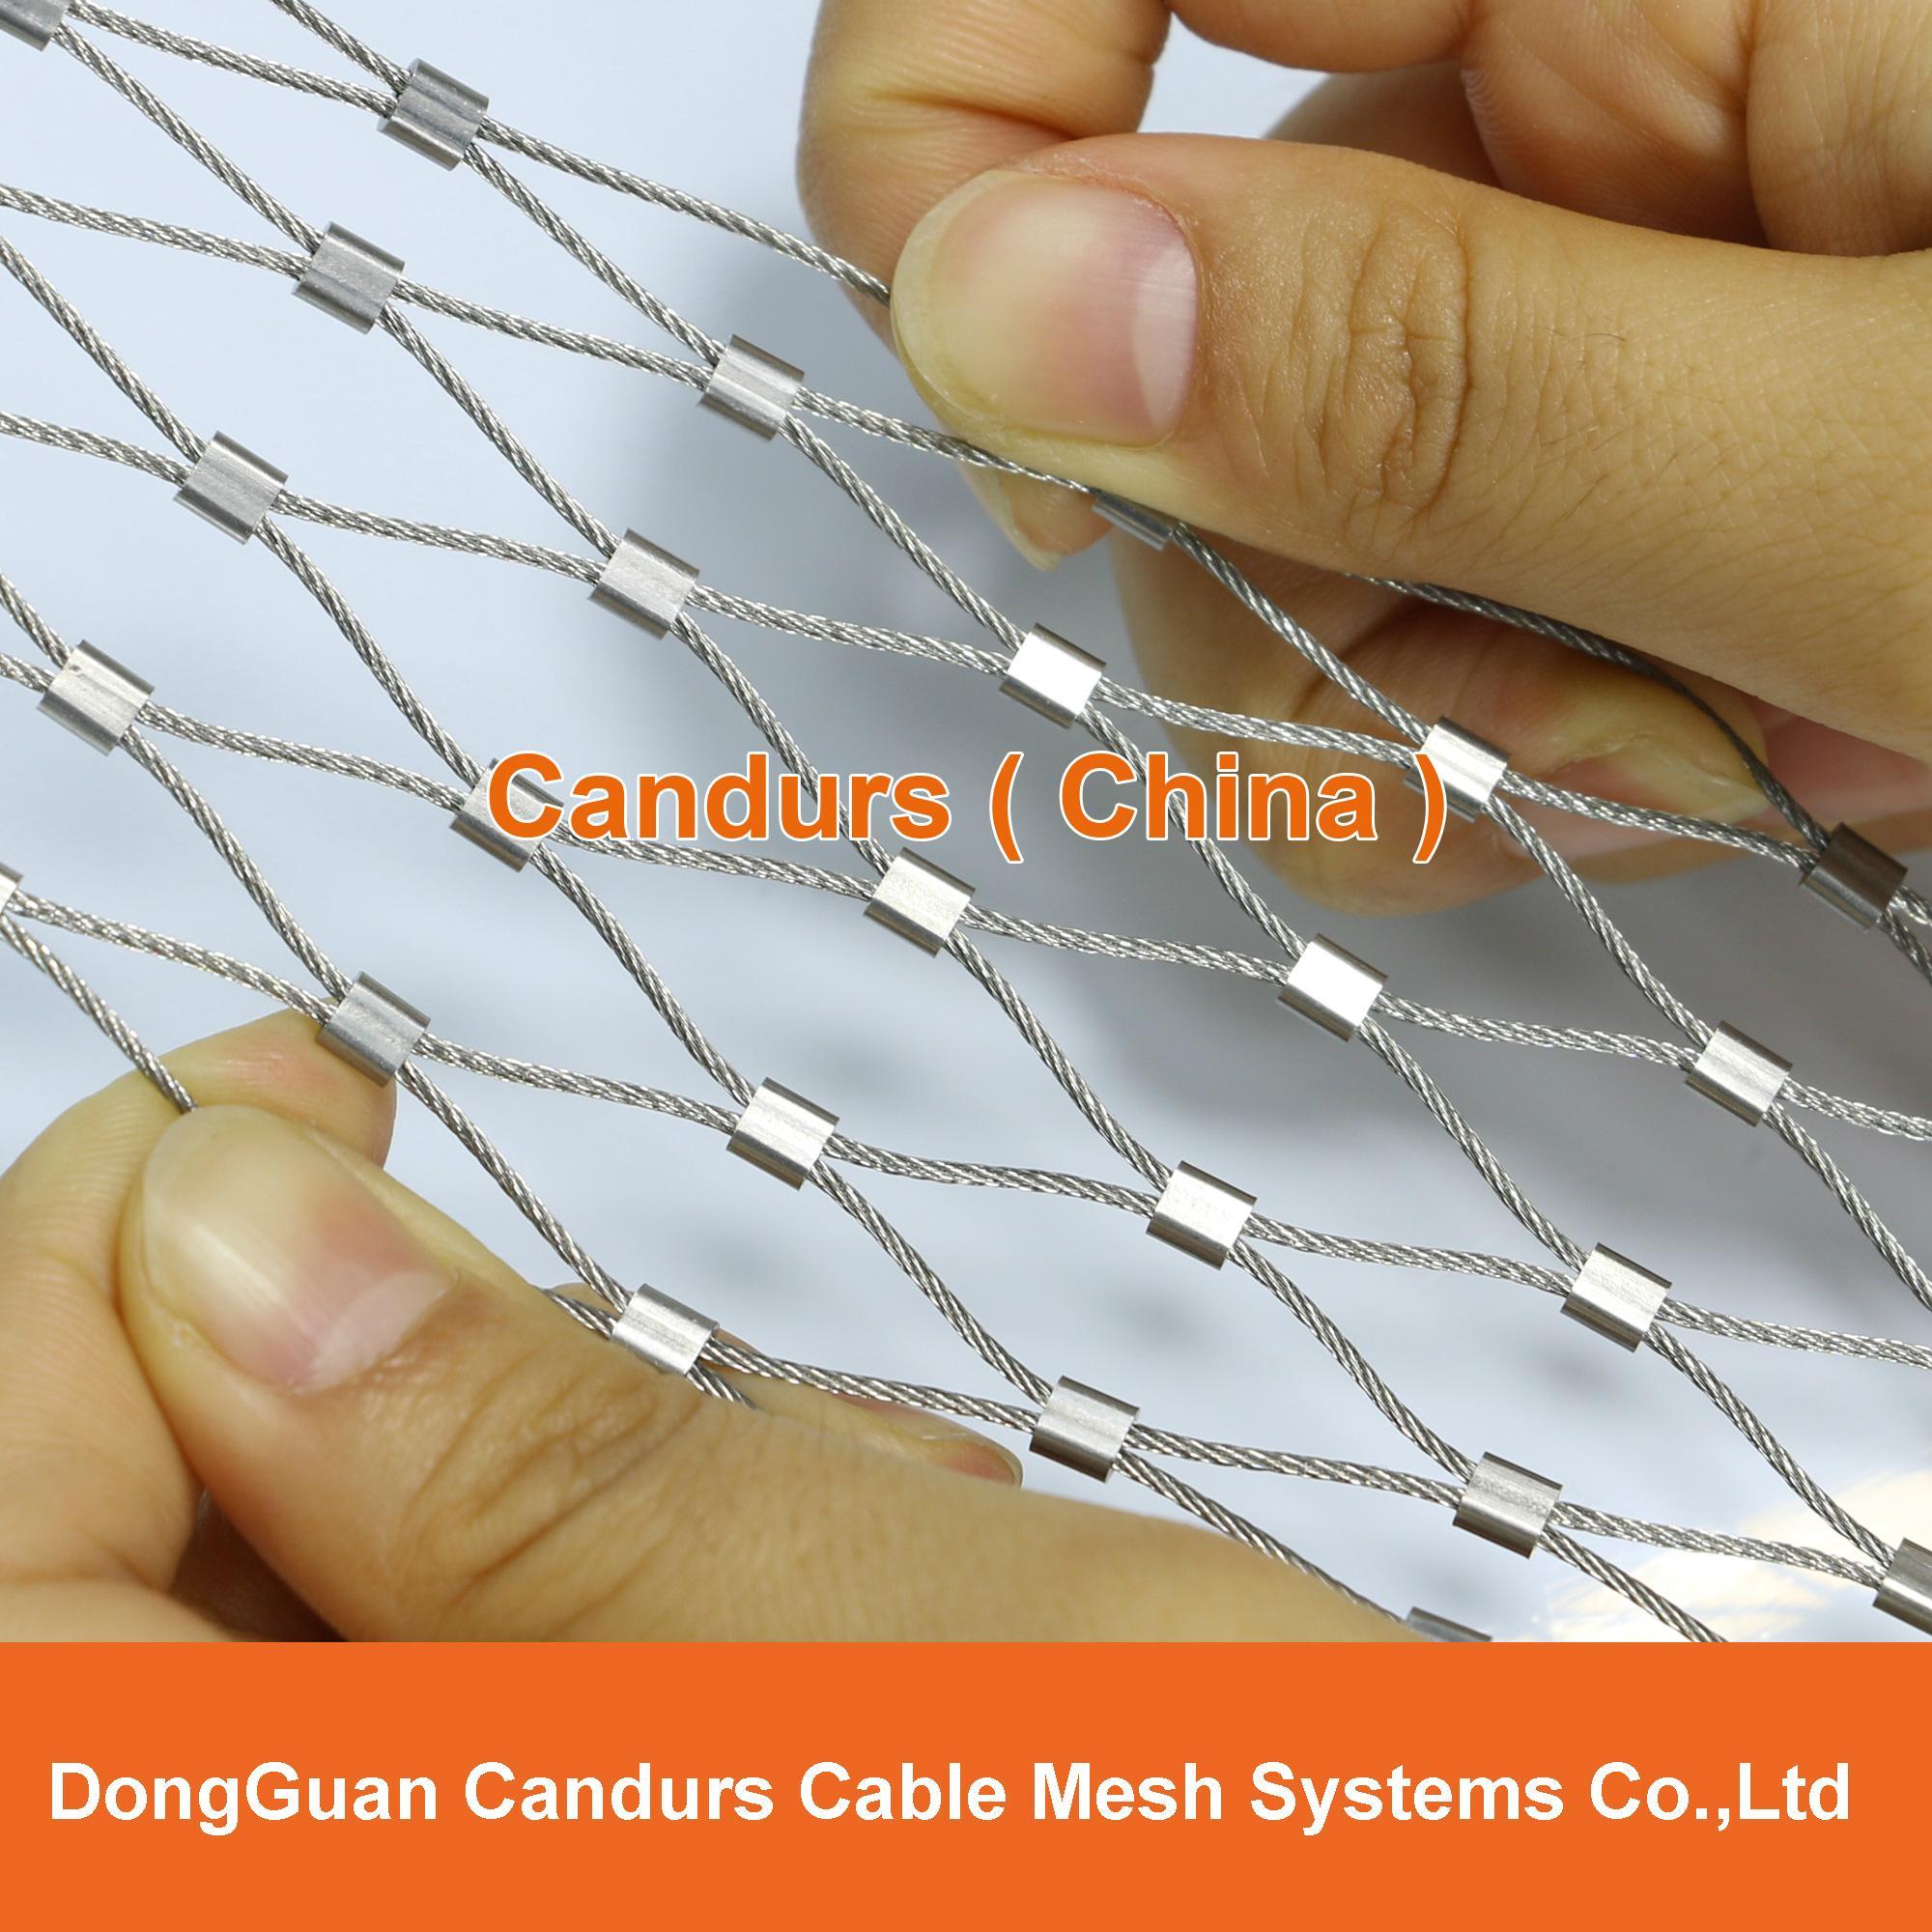 手工編織鋼絲繩網 1